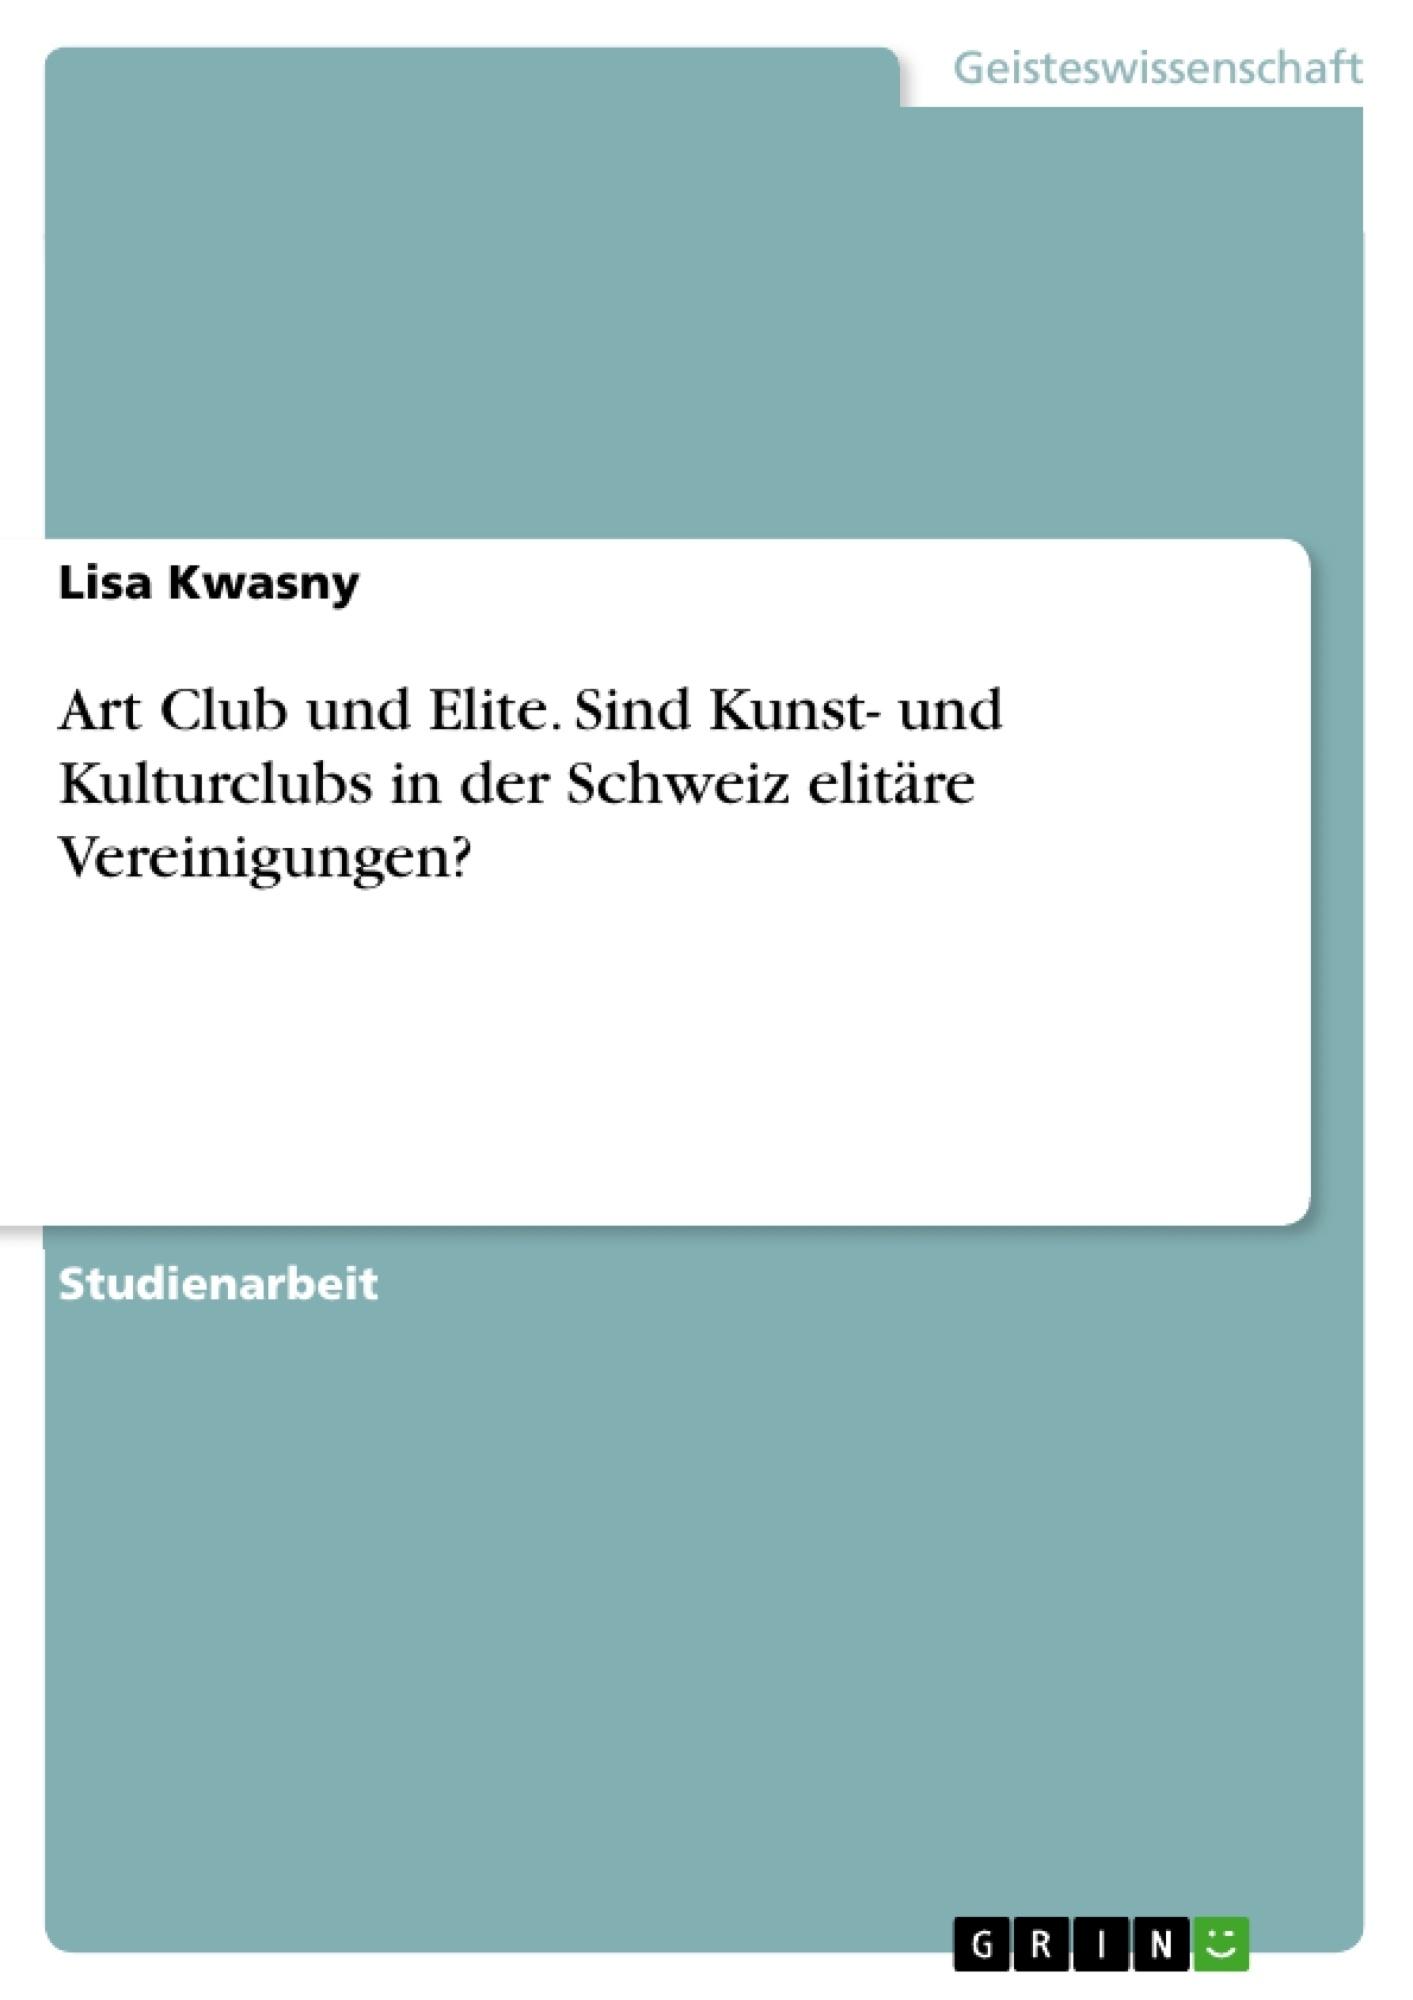 Titel: Art Club und Elite. Sind Kunst- und Kulturclubs in der Schweiz elitäre Vereinigungen?